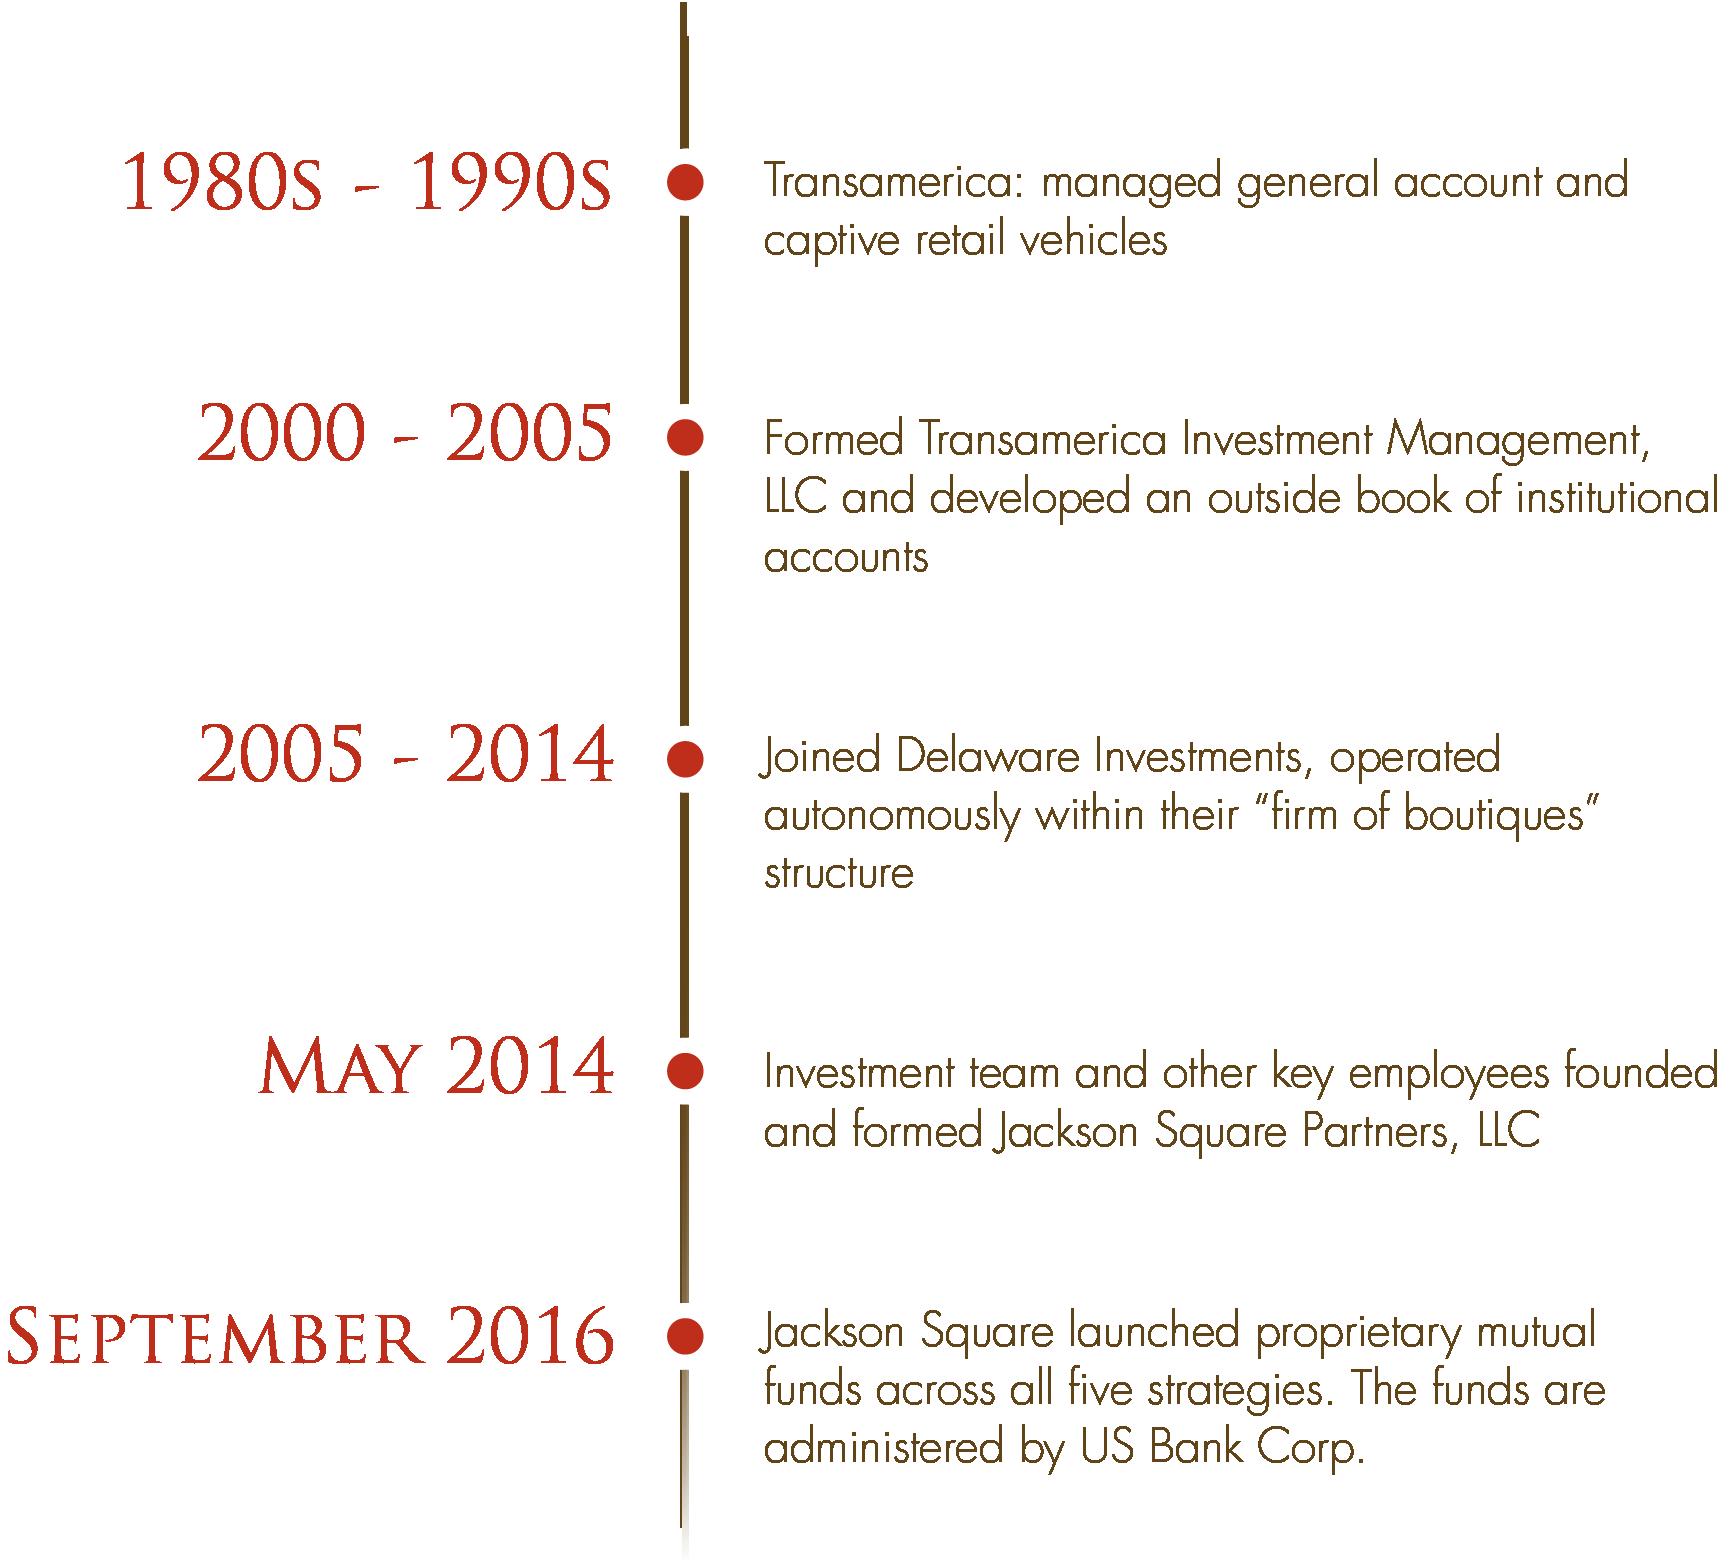 JSP_Timeline-02.png